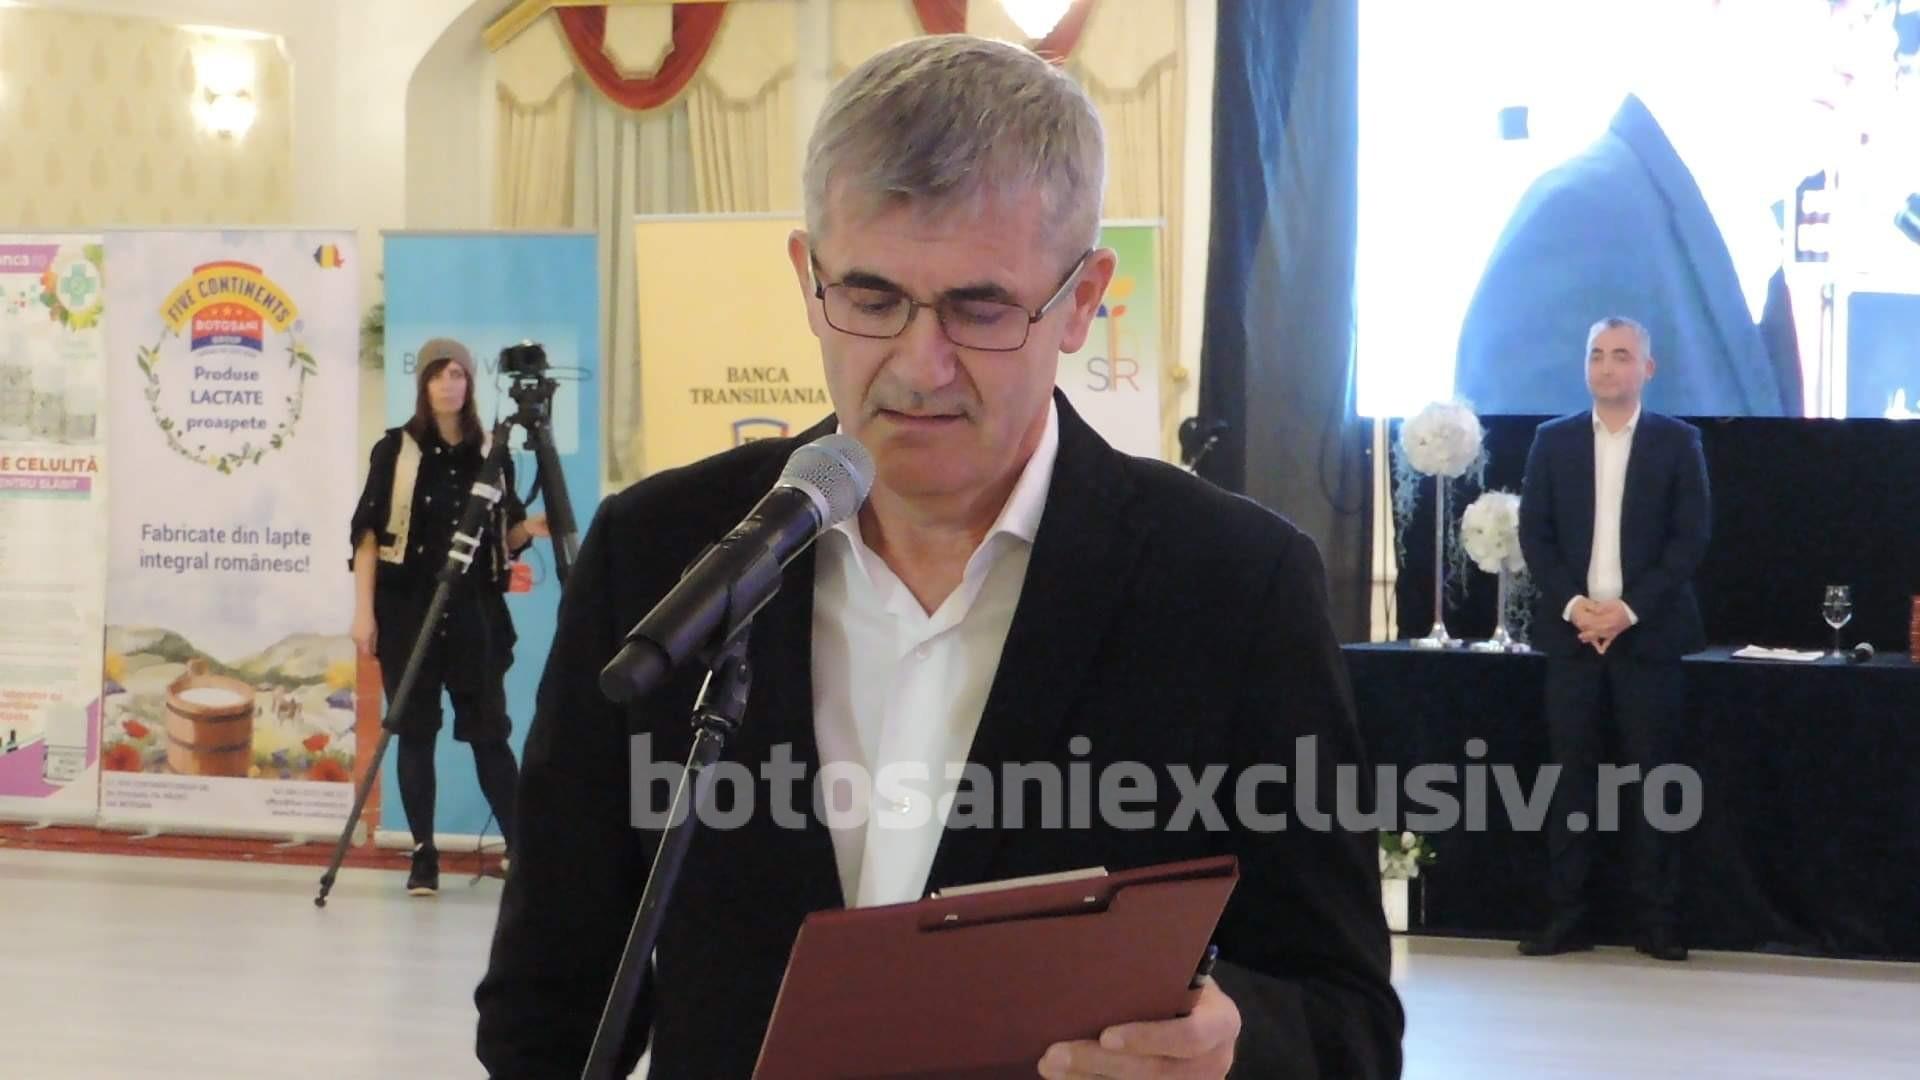 Clarificări aduse de Conducerea Camerei de Comerţ, Industrie şi Agricultură Botoşani vizavi de invitațiile făcute parlamentarilor la Topul Judeţean al Firmelor ediţia XXVI